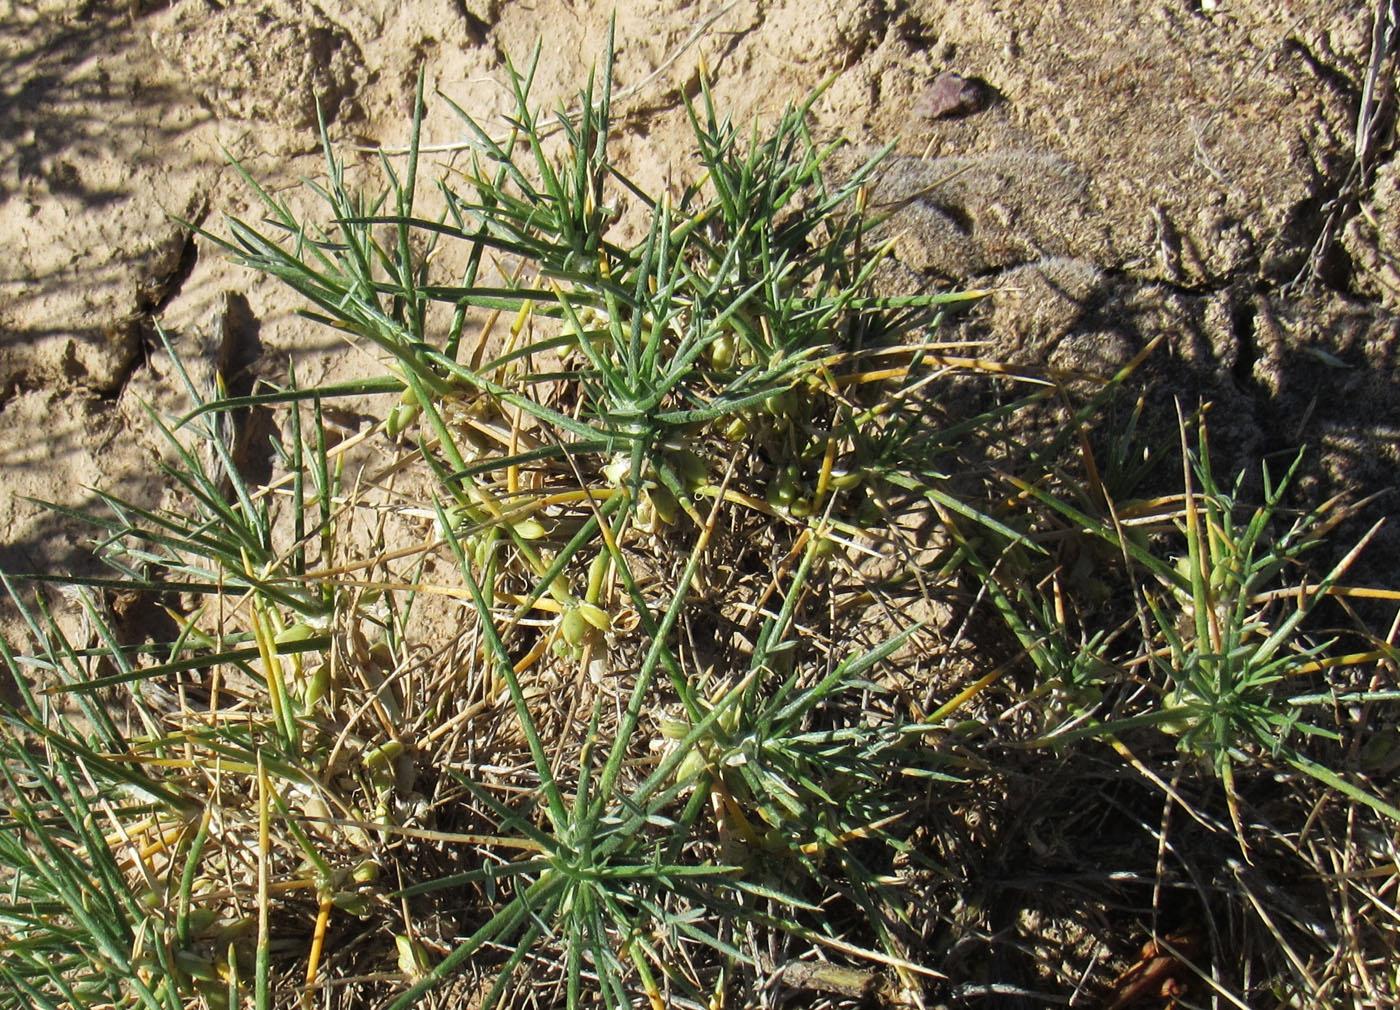 Изображение растения Astragalus unijugus.